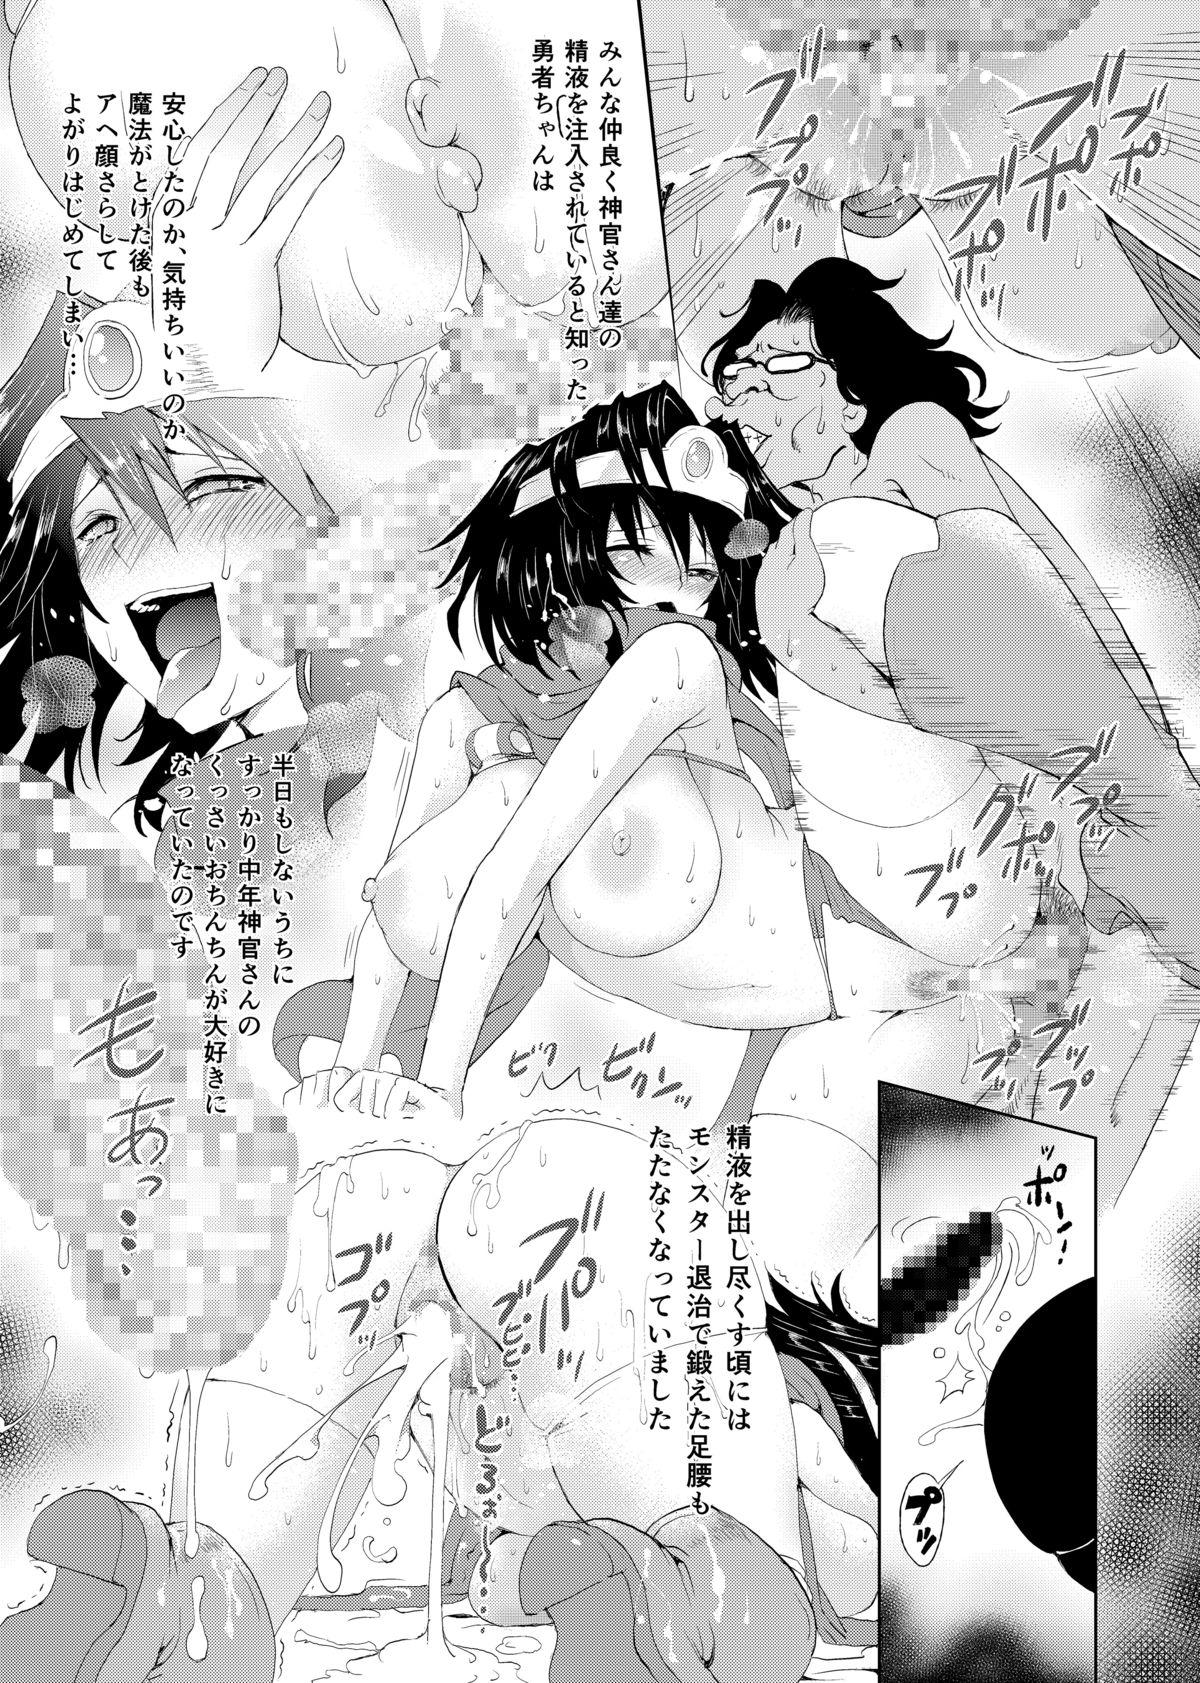 Zettai ni Zenmetsushite wa Ikenai DraQue 17